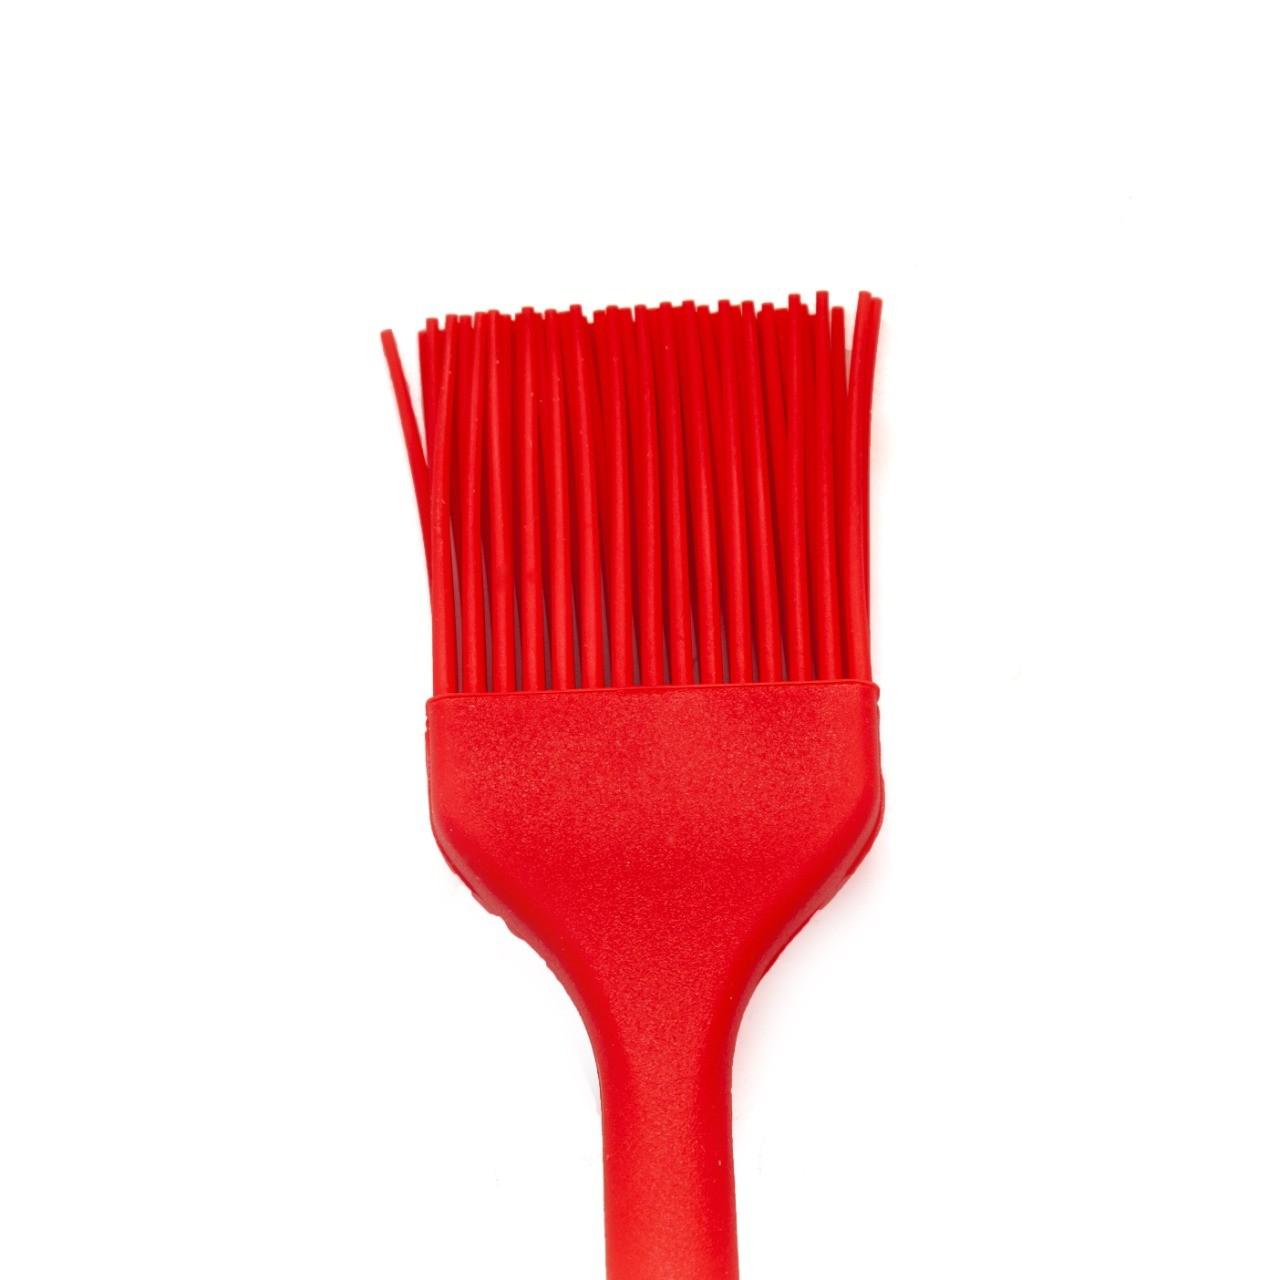 Pincel Cozinha Silicone Vermelho Pincelar Carne Massas Untar Forma  -  Mothelucci Loja online